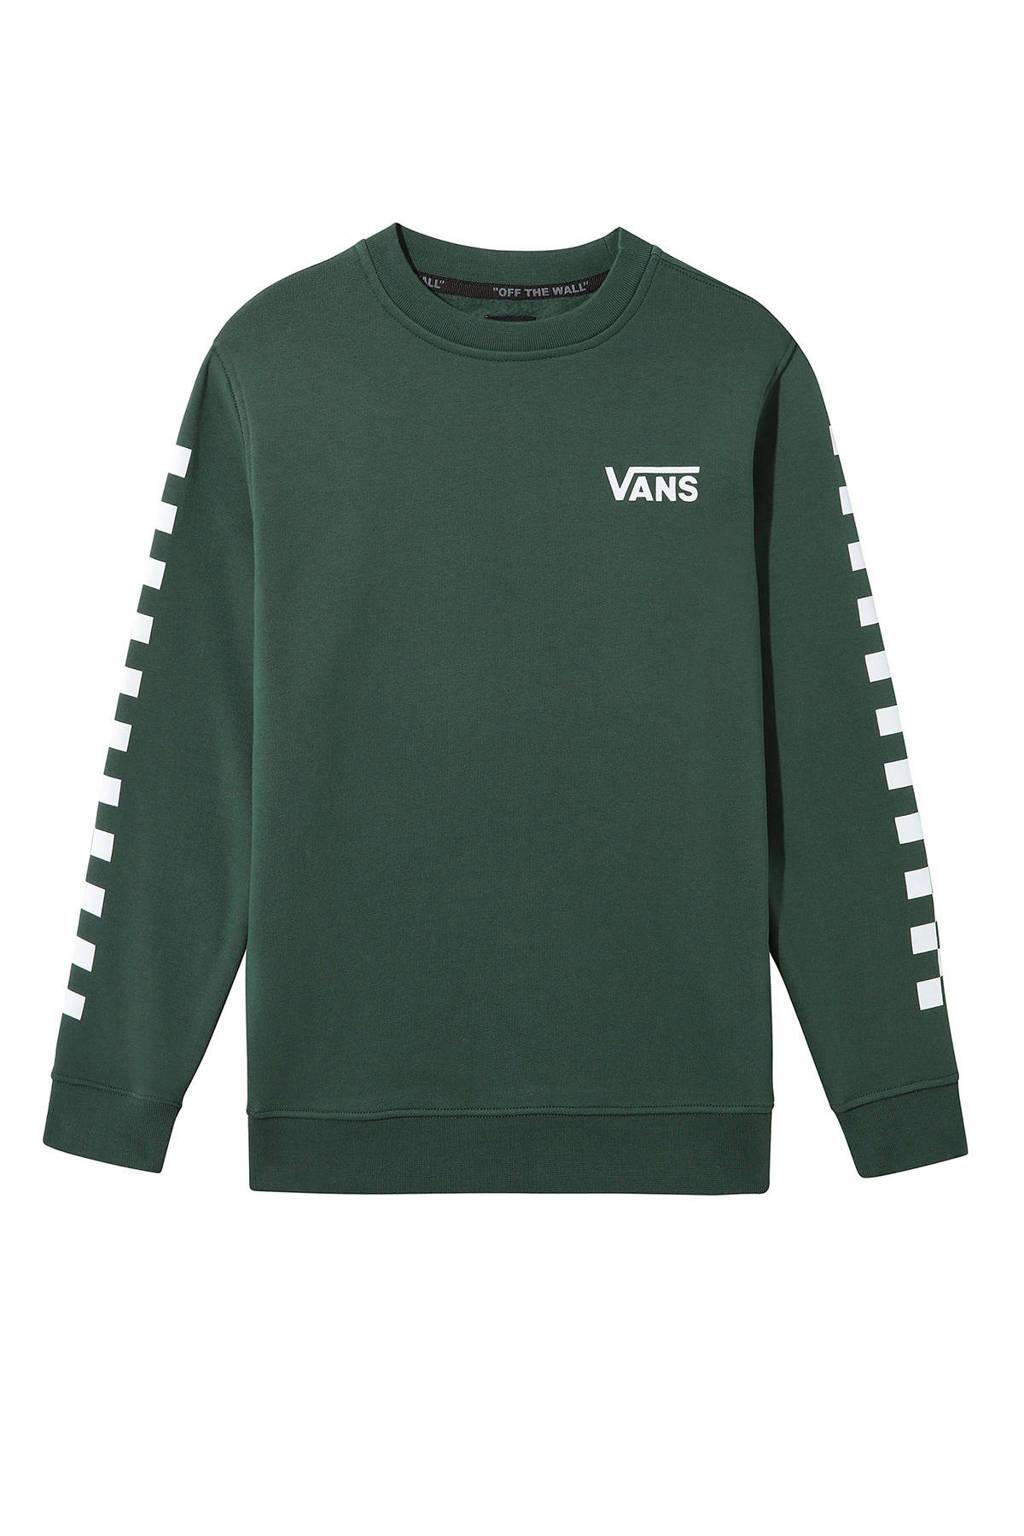 VANS sweater groen, Groen